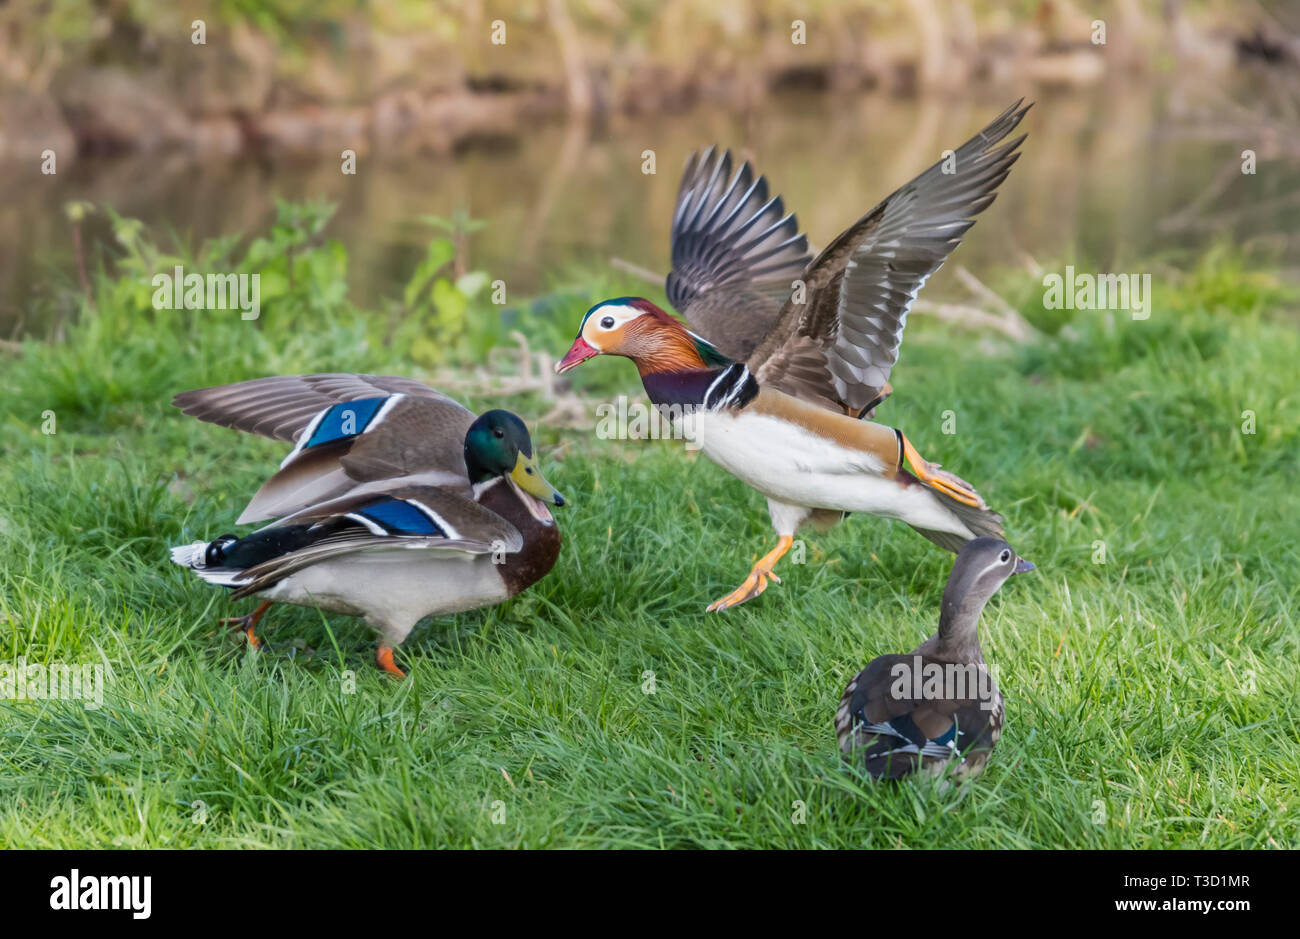 Wildlife Konfrontation zwischen einer Stockente und eine Mandarinente im Frühjahr in West Sussex, UK. Stockbild